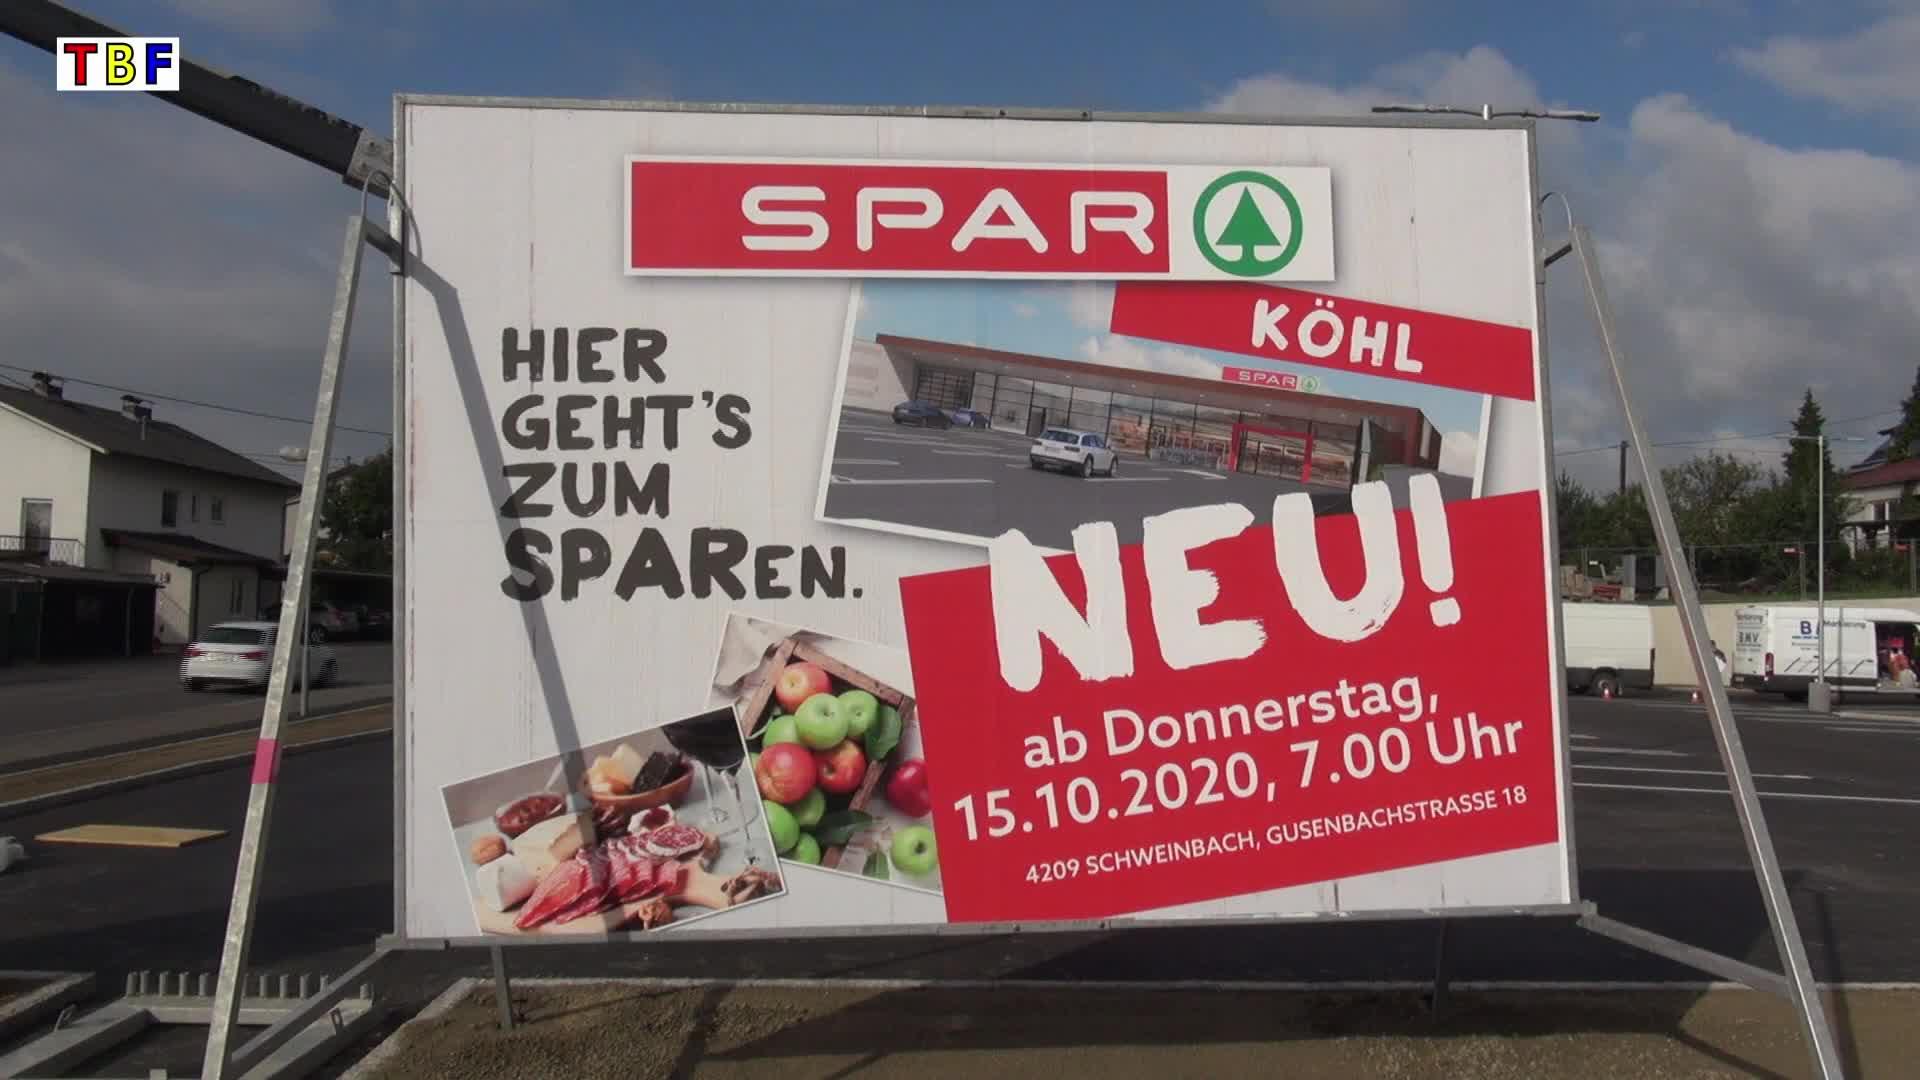 SPAR-Neubau in Schweinbach wird eröffnet